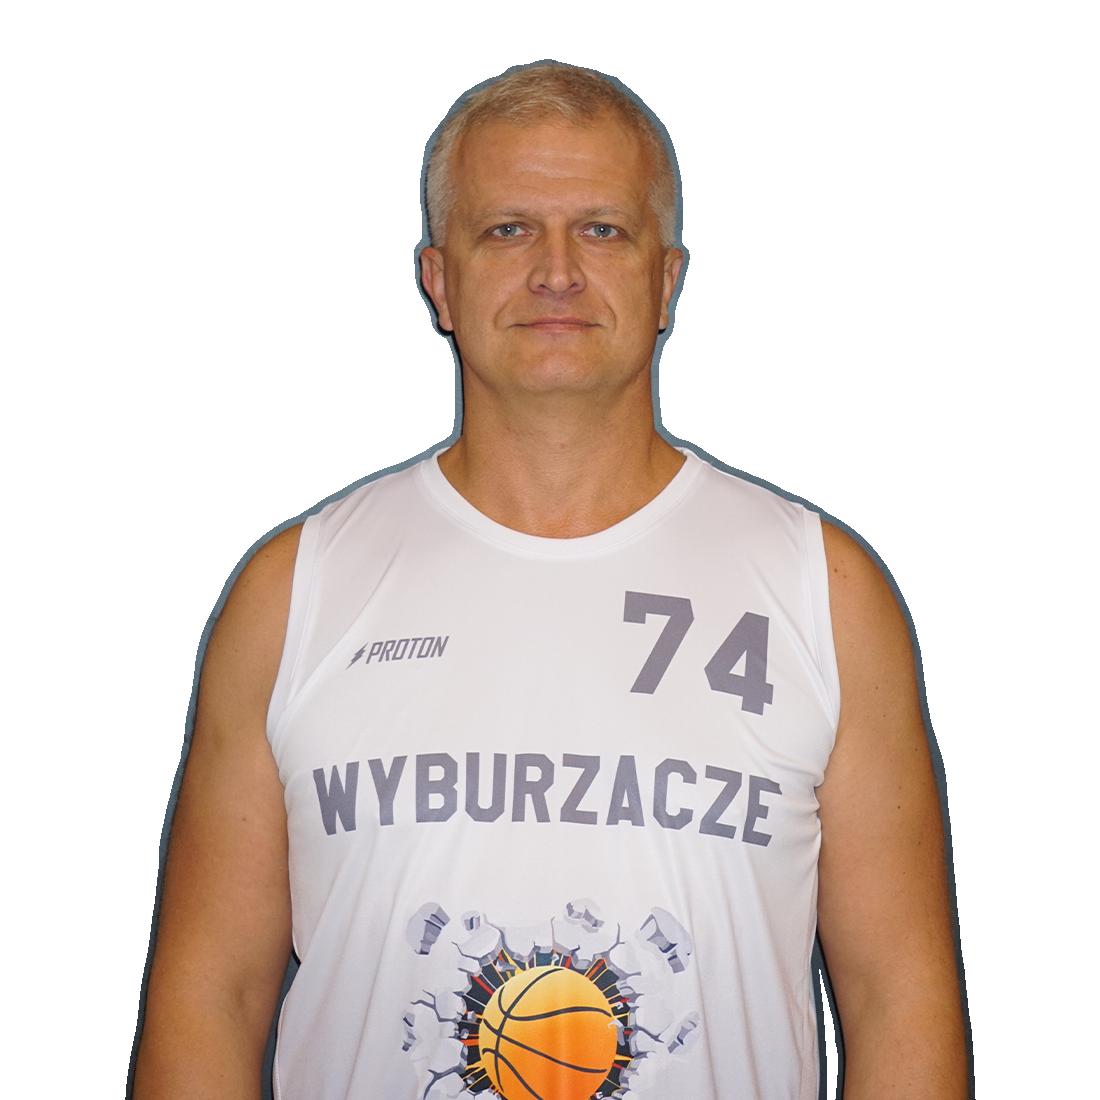 Jacek Sobczak